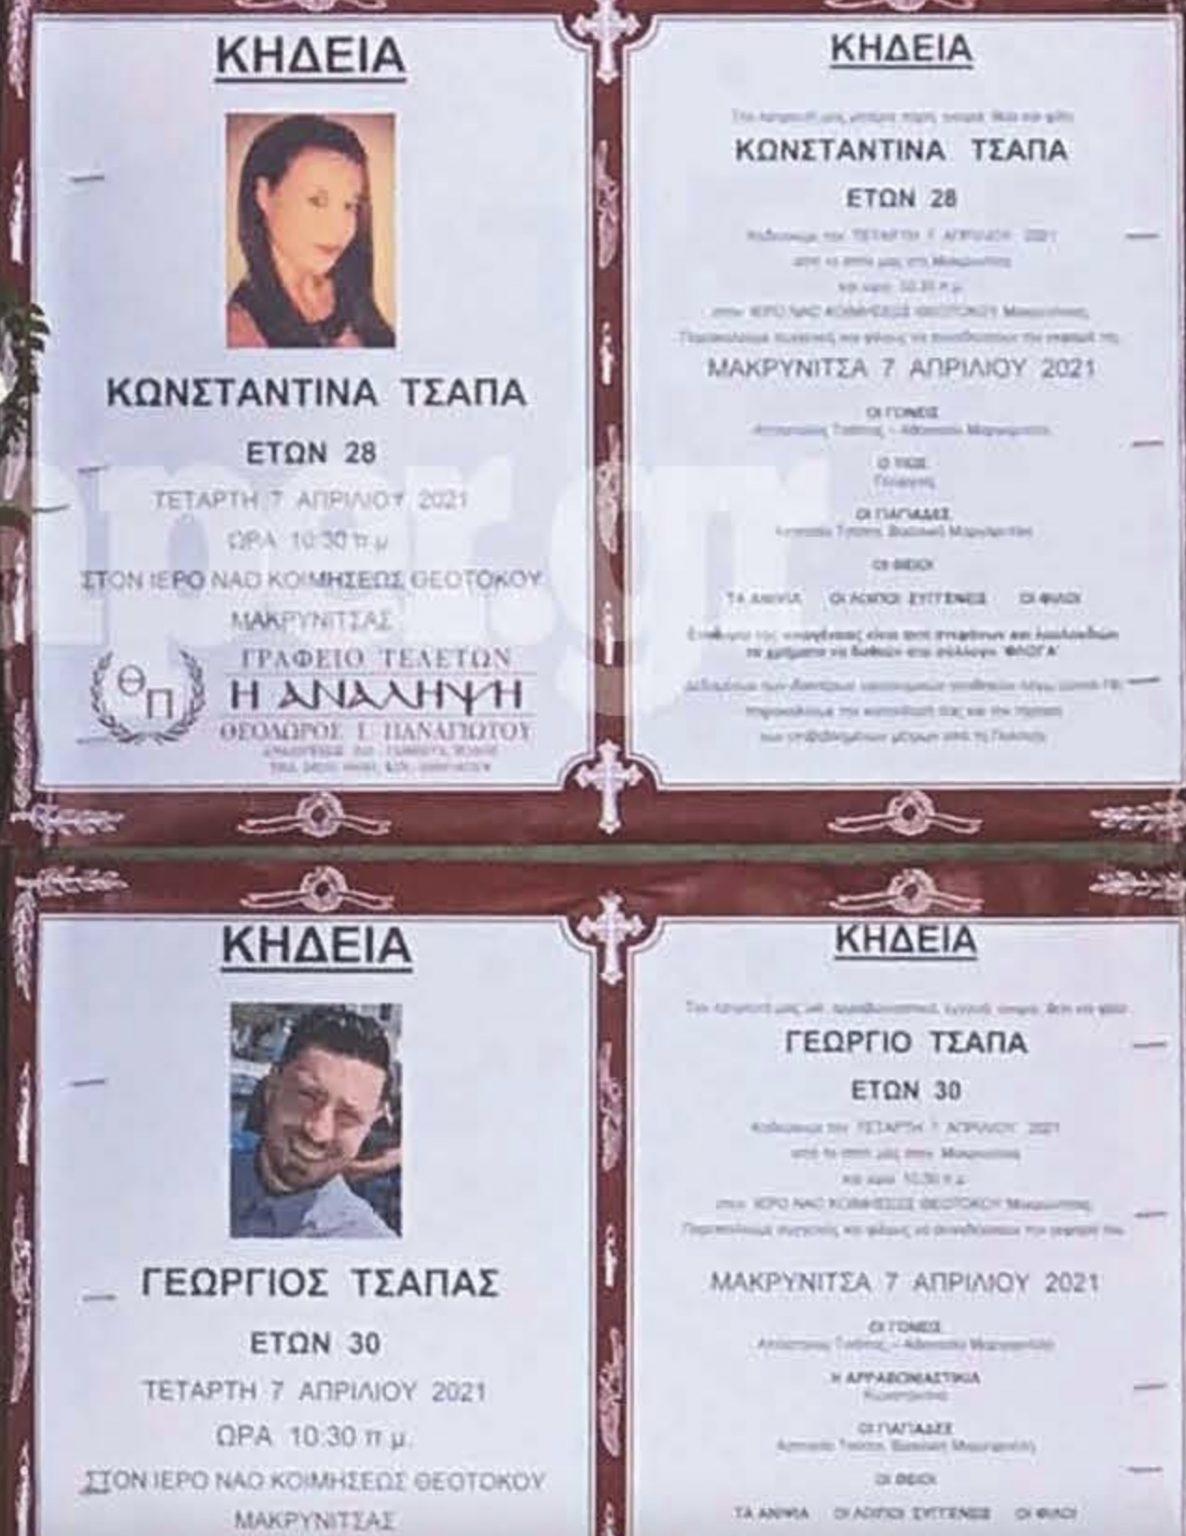 Σπαραγμός στην κηδεία των δύο αδελφών στη Μακρινίτσα